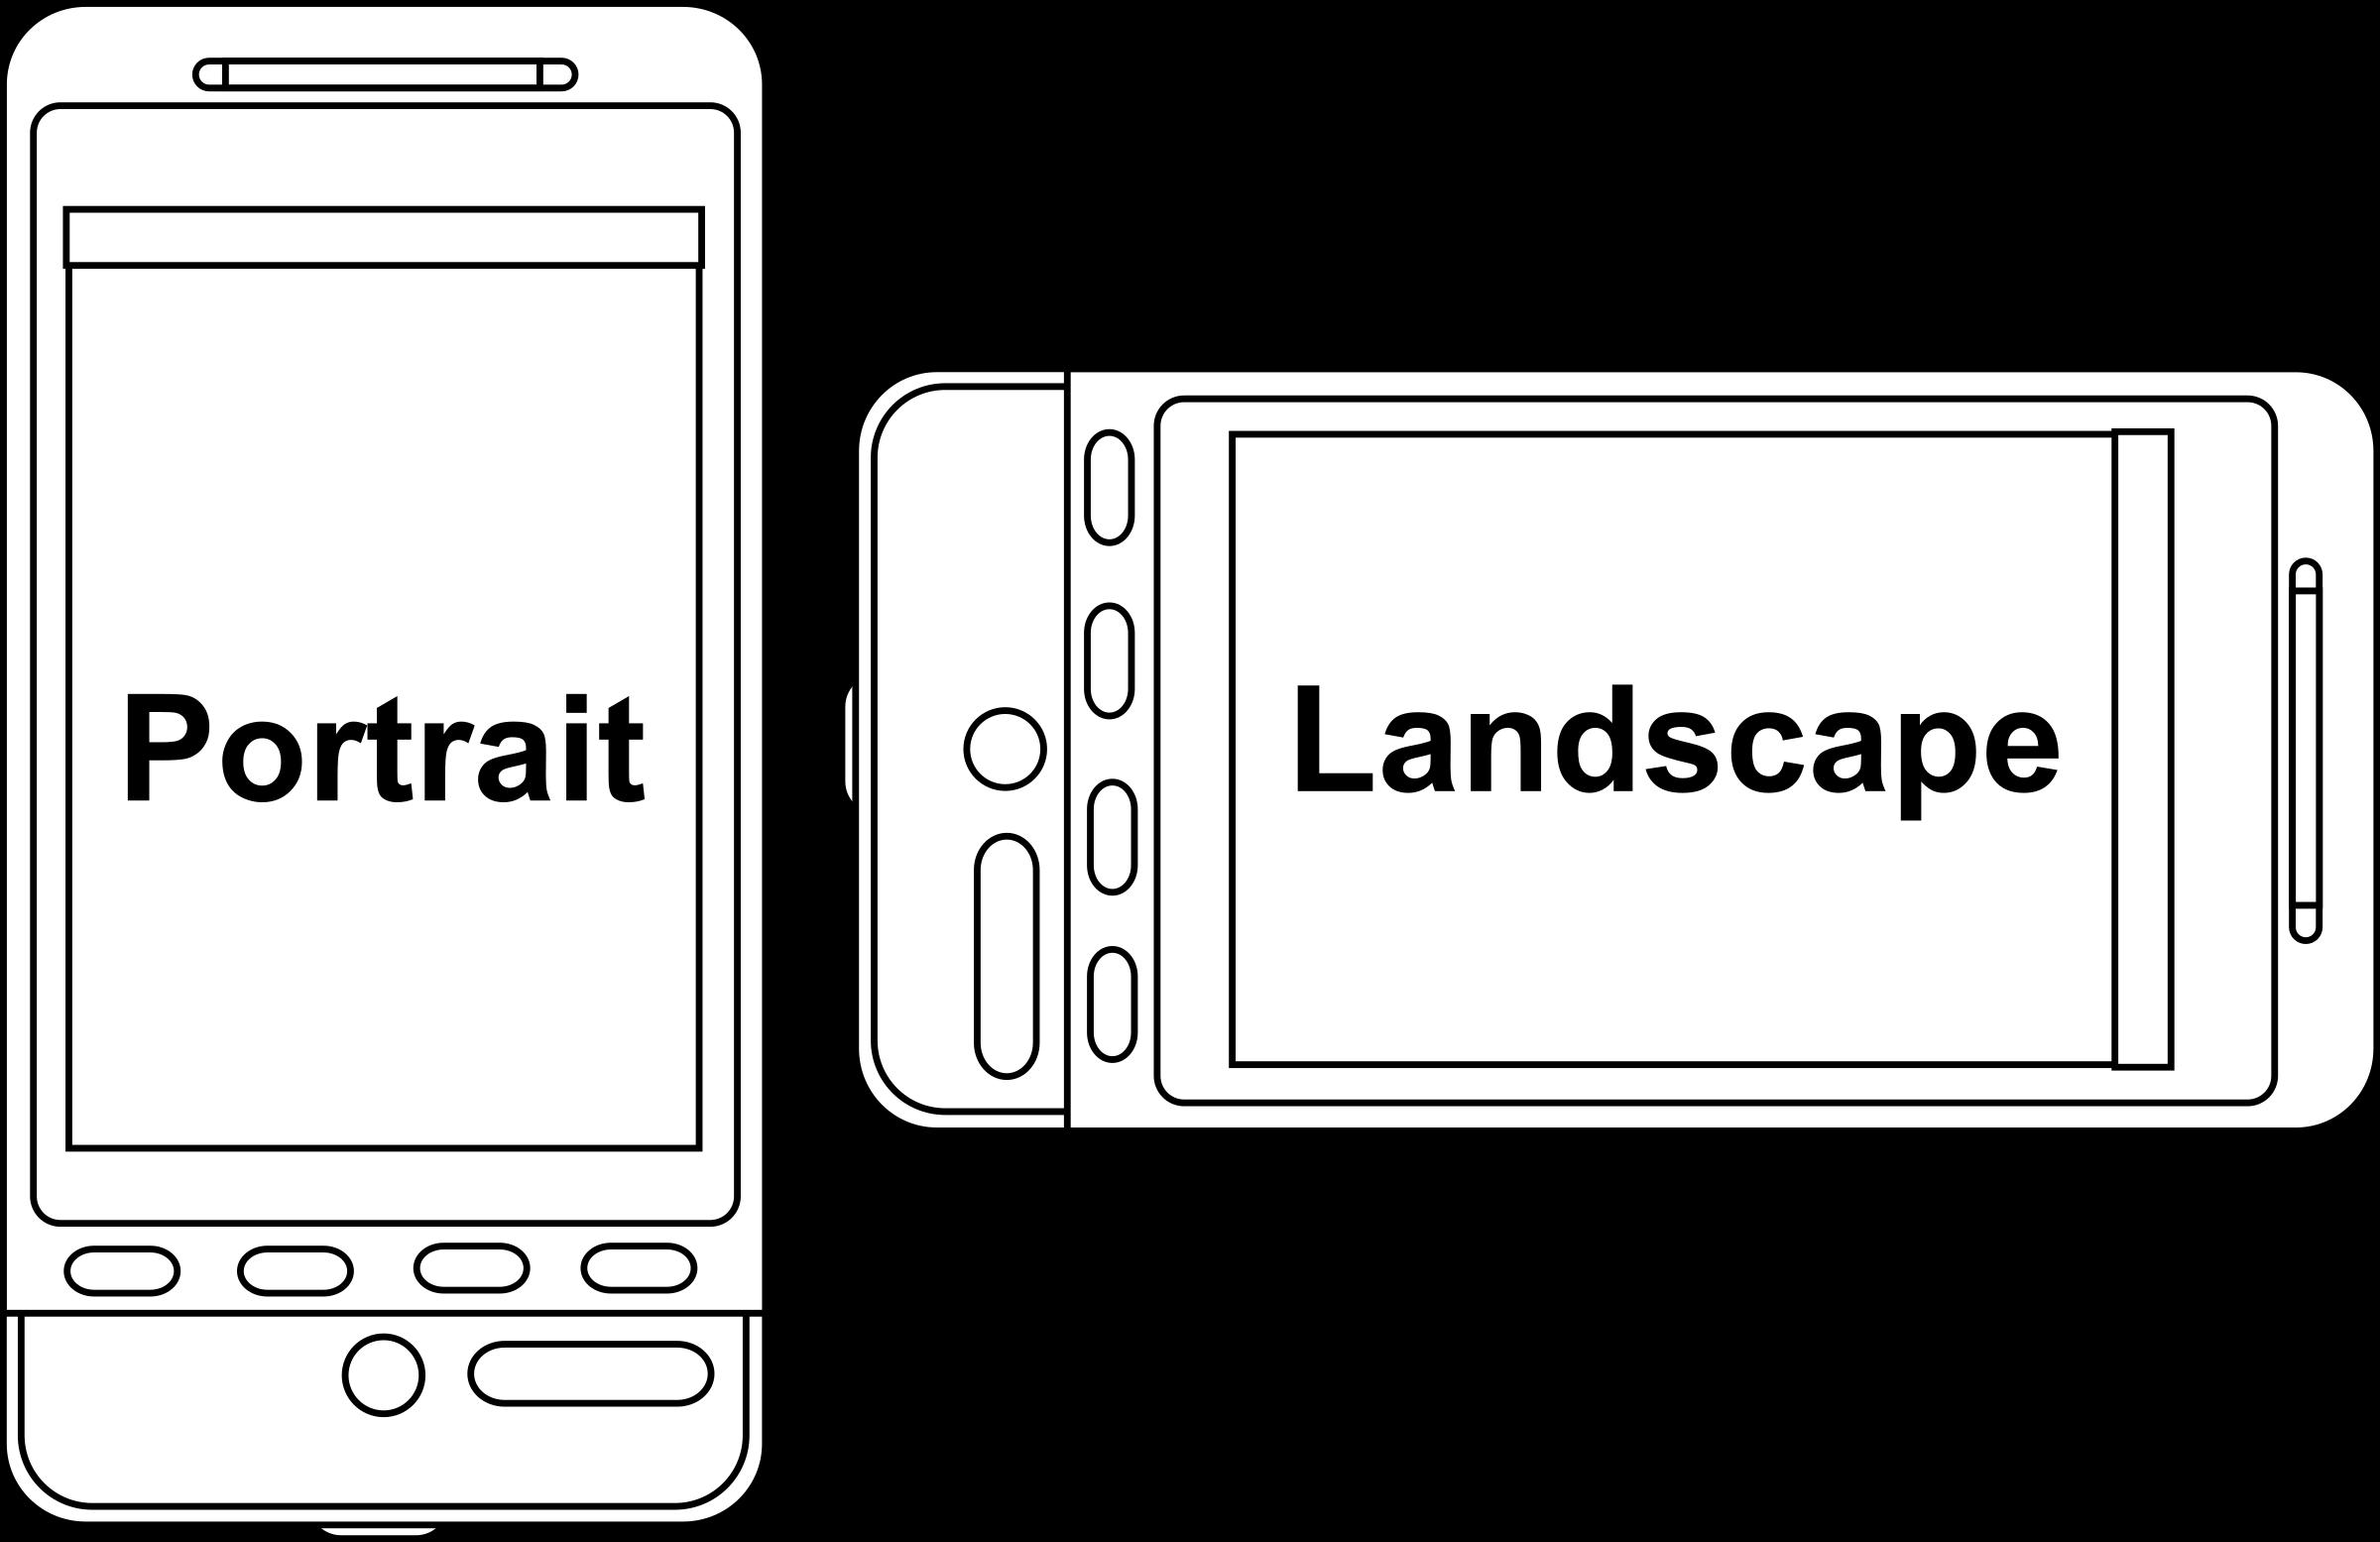 مدیا کوئری های دستگاه های اپل برای ipads و iphones